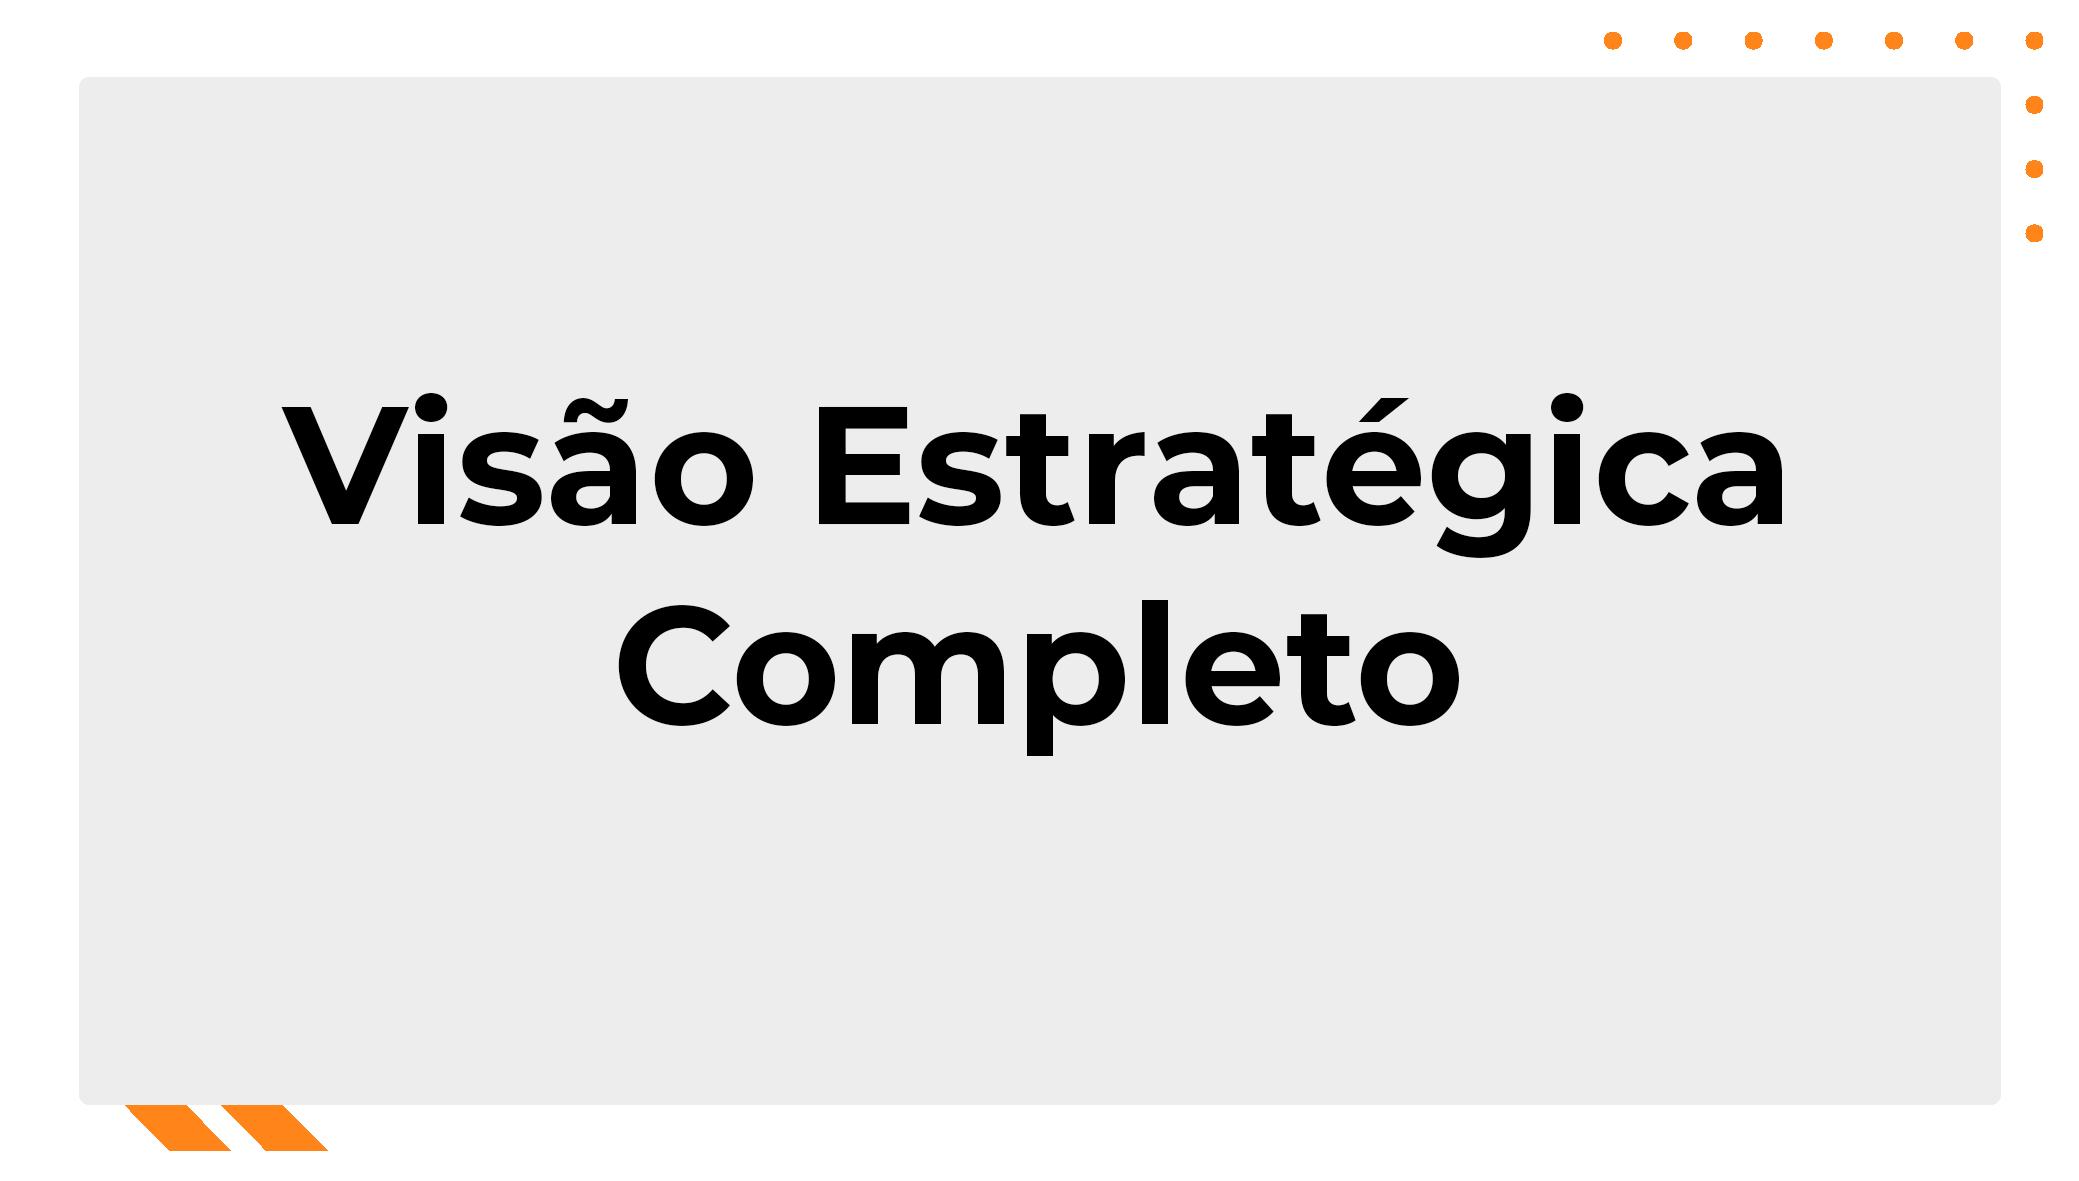 Visão Estratégica Completo